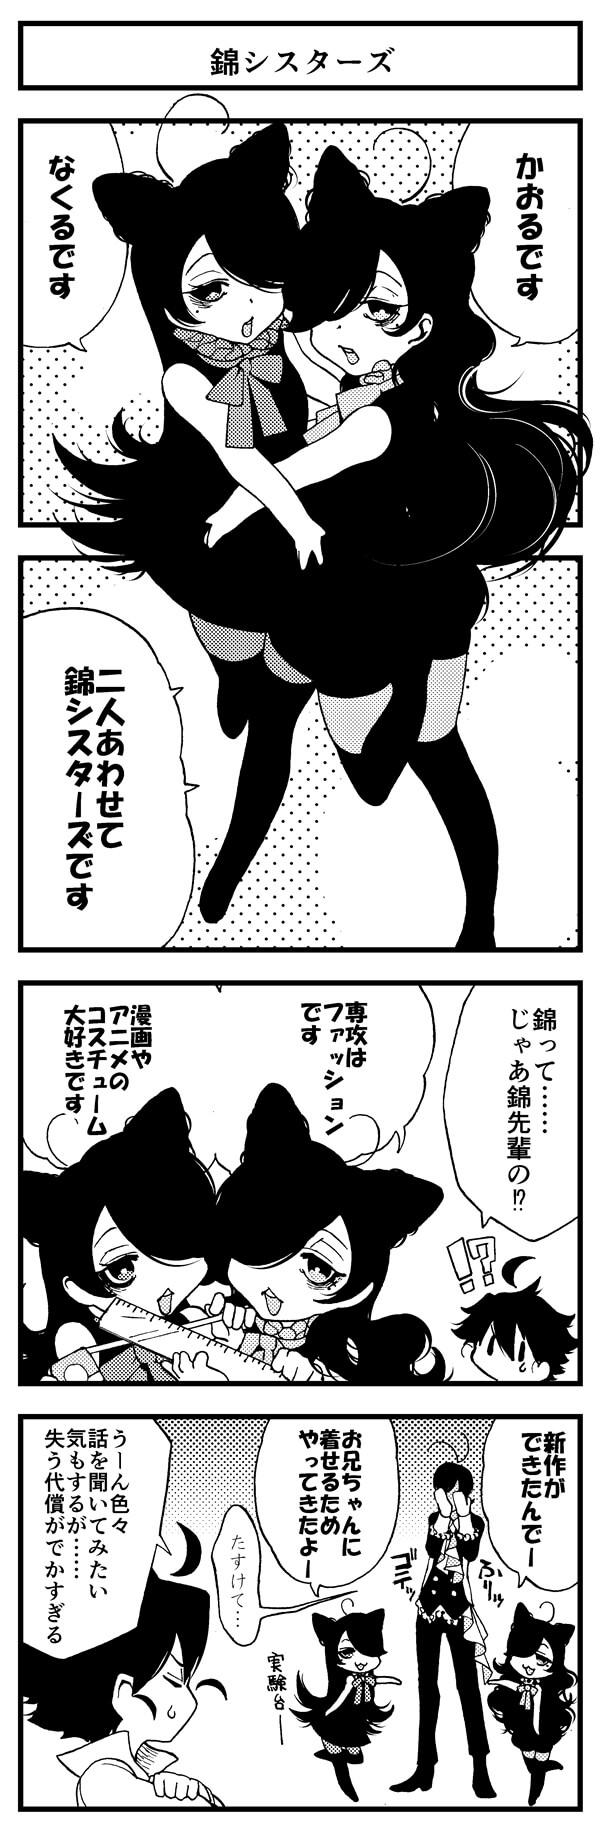 『京都クロスメディアParty!』 【第18話】